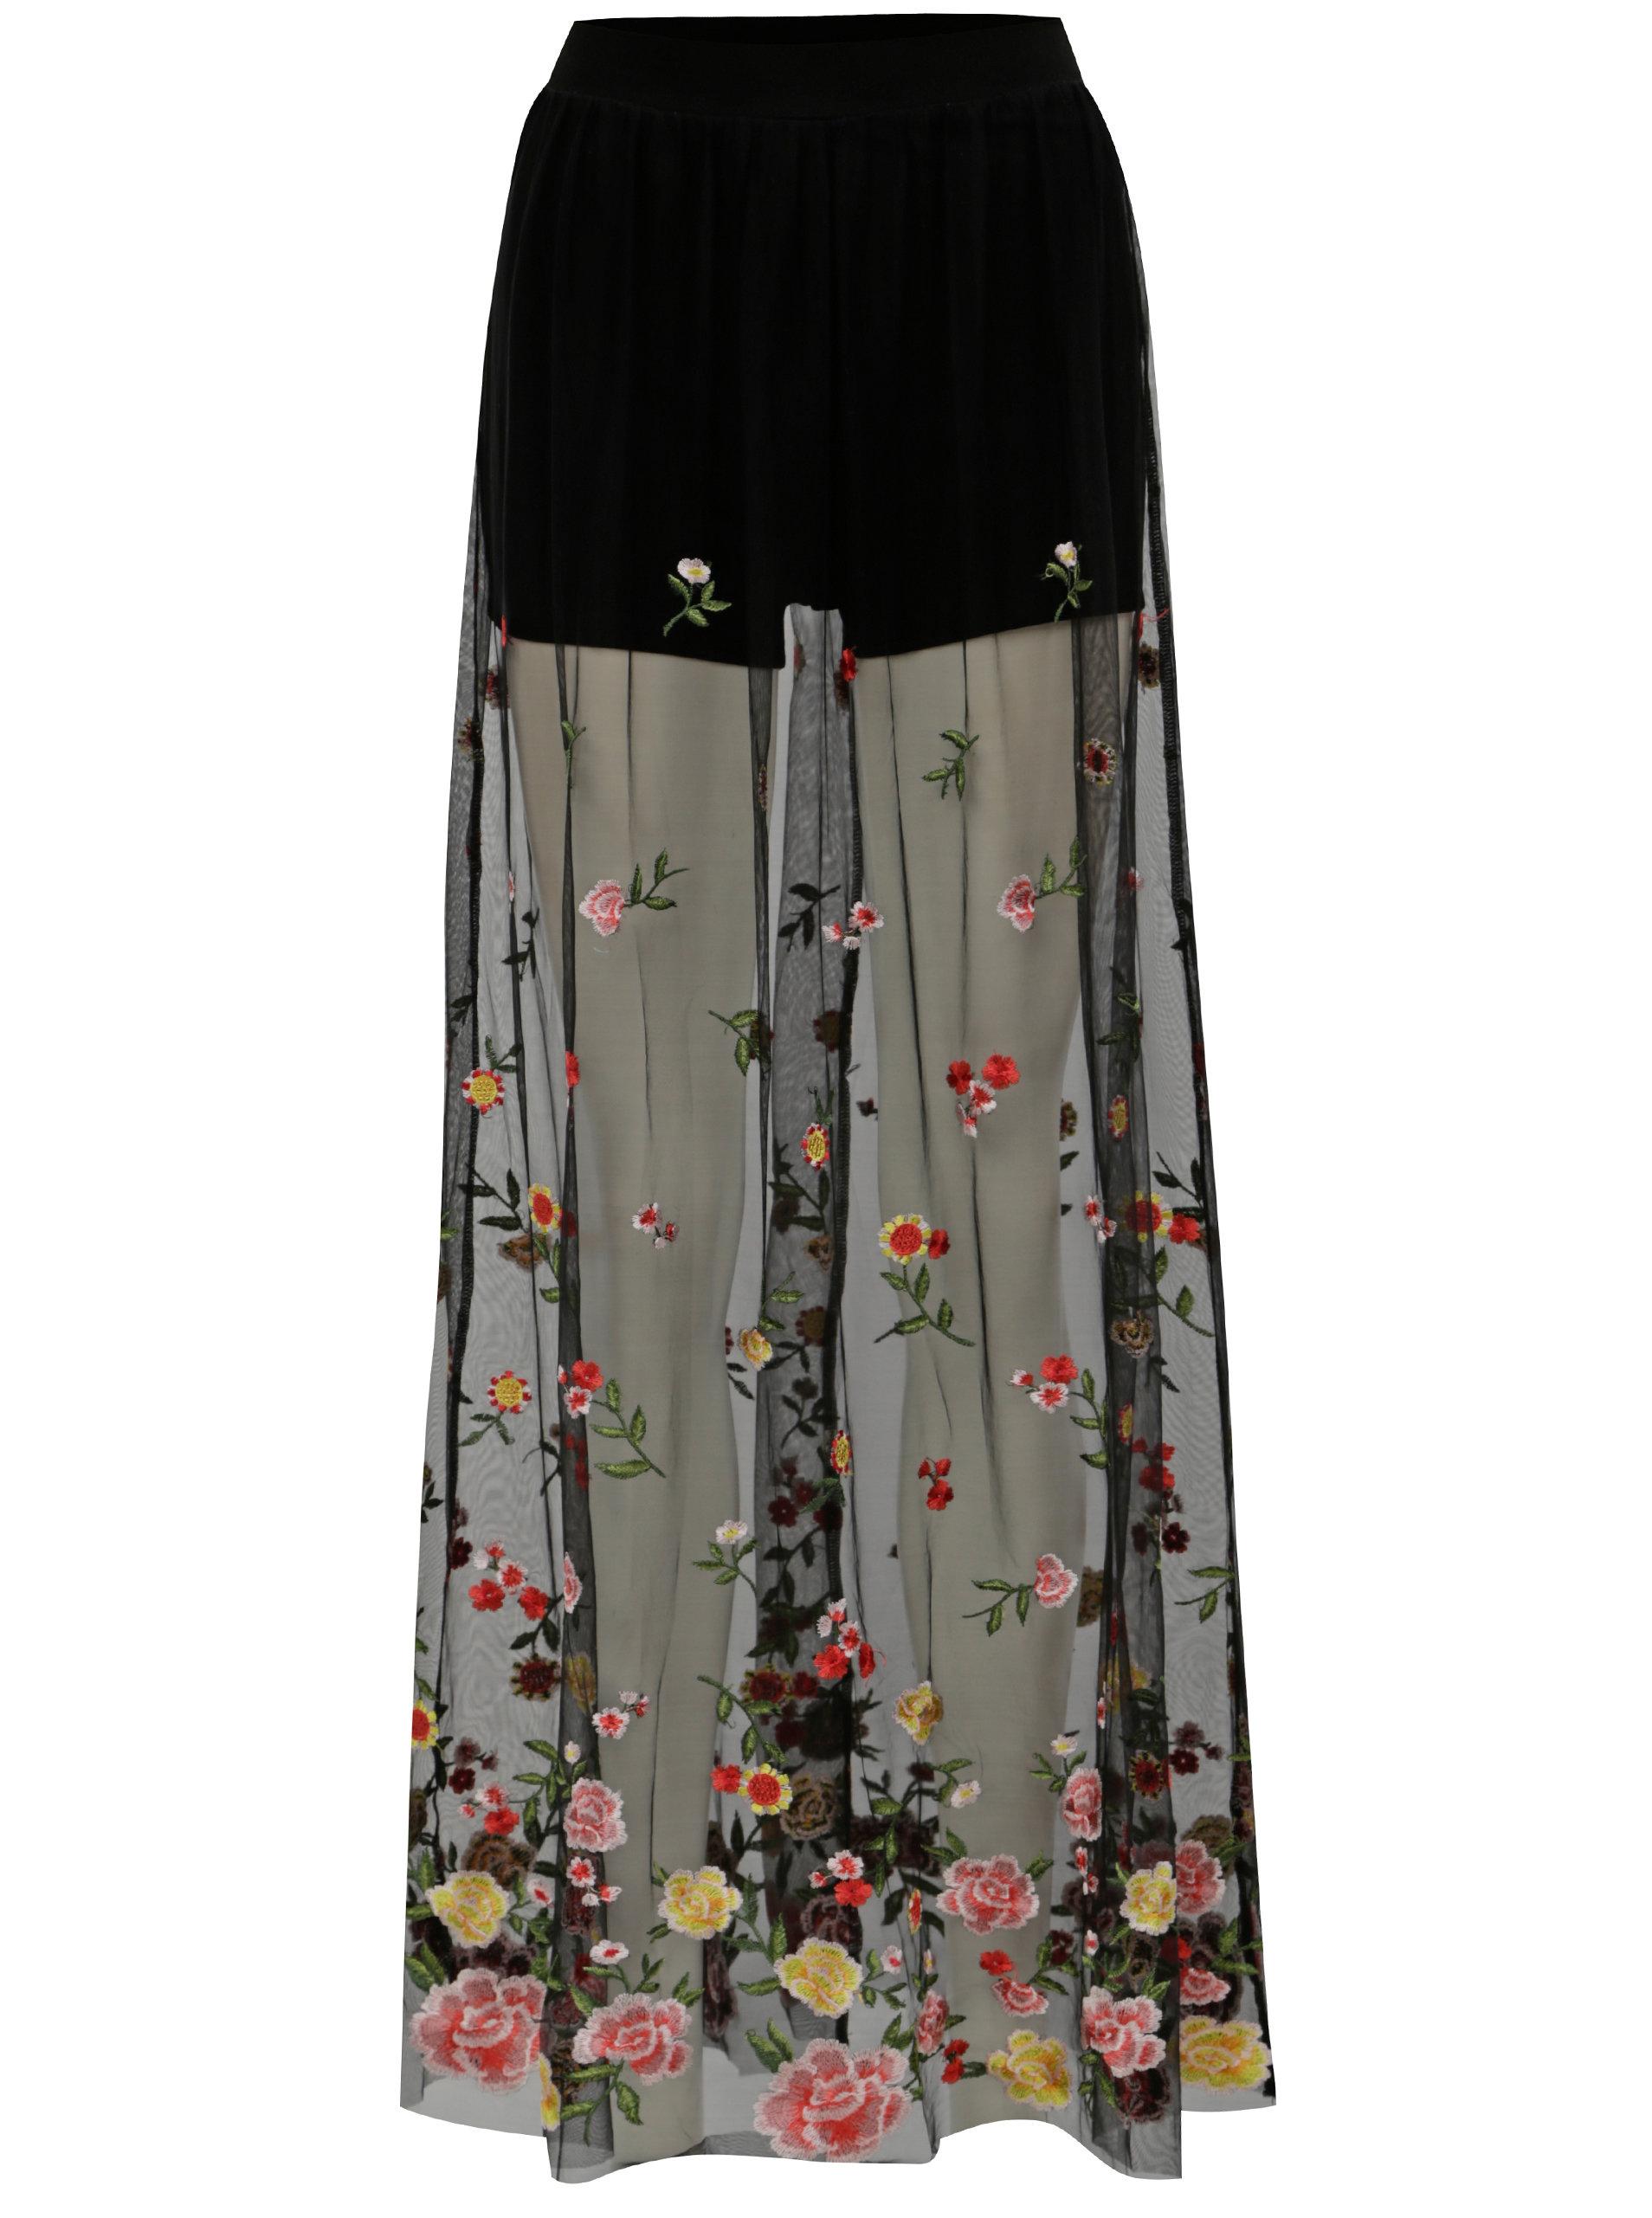 580165c8012 Černá průsvitná maxi sukně s vyšívaným vzorem TALLY WEiJL ...